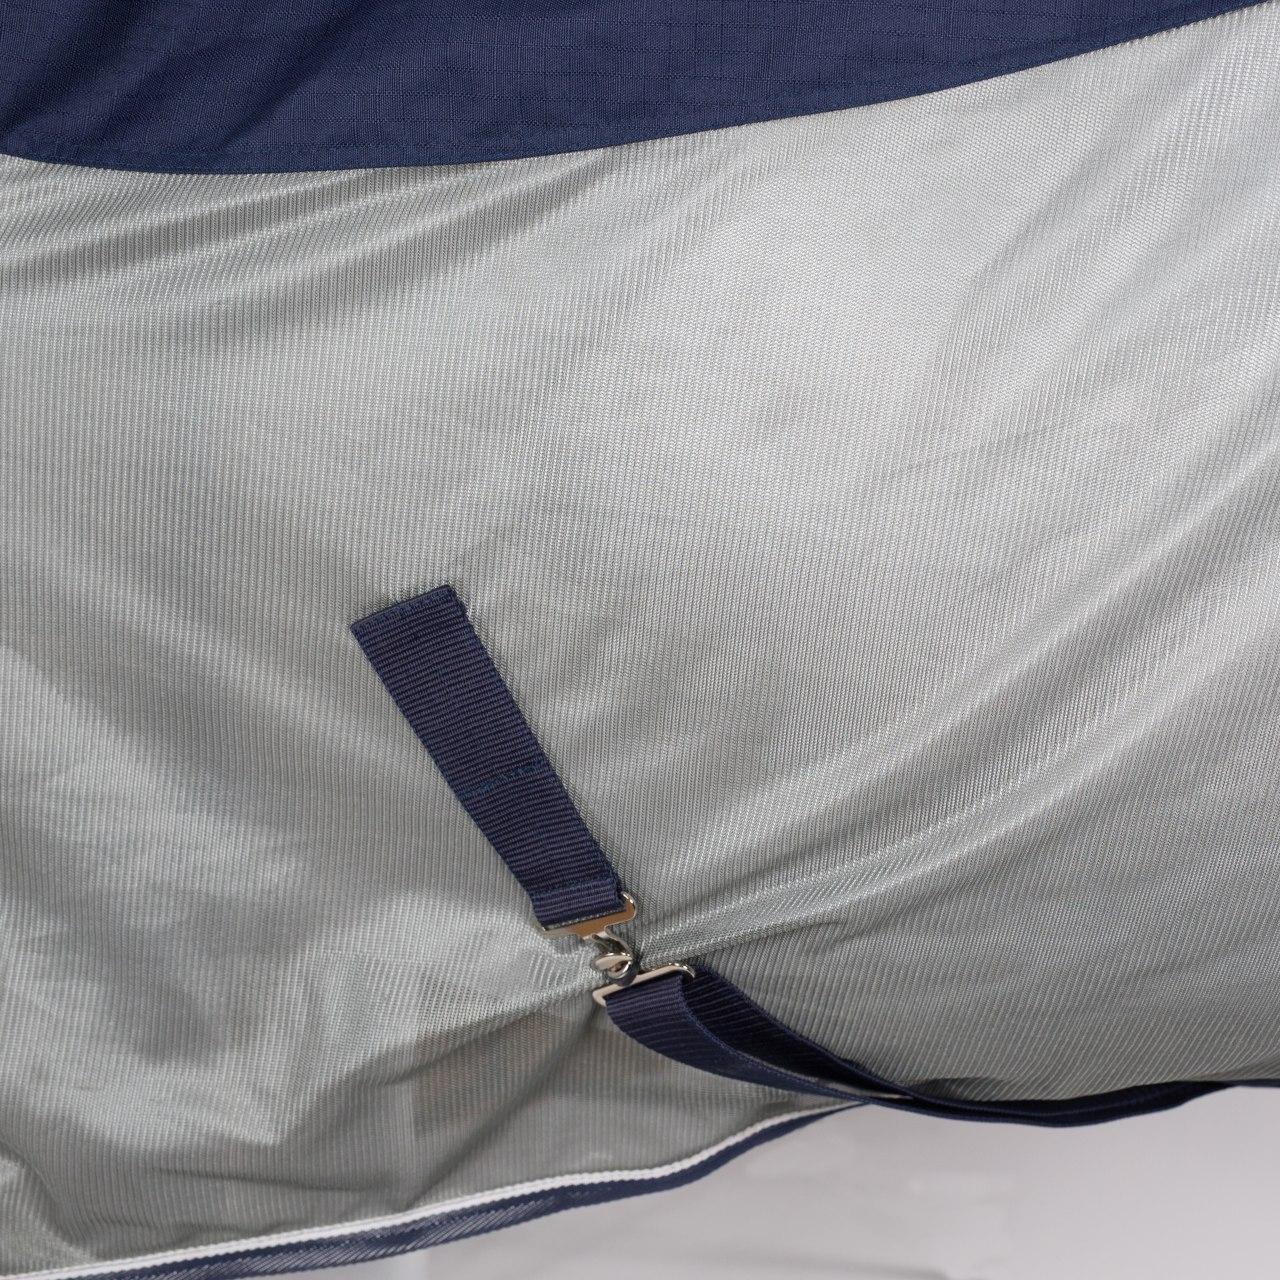 Kärpäsloimi, selkäosa vedenpitävää kangasta